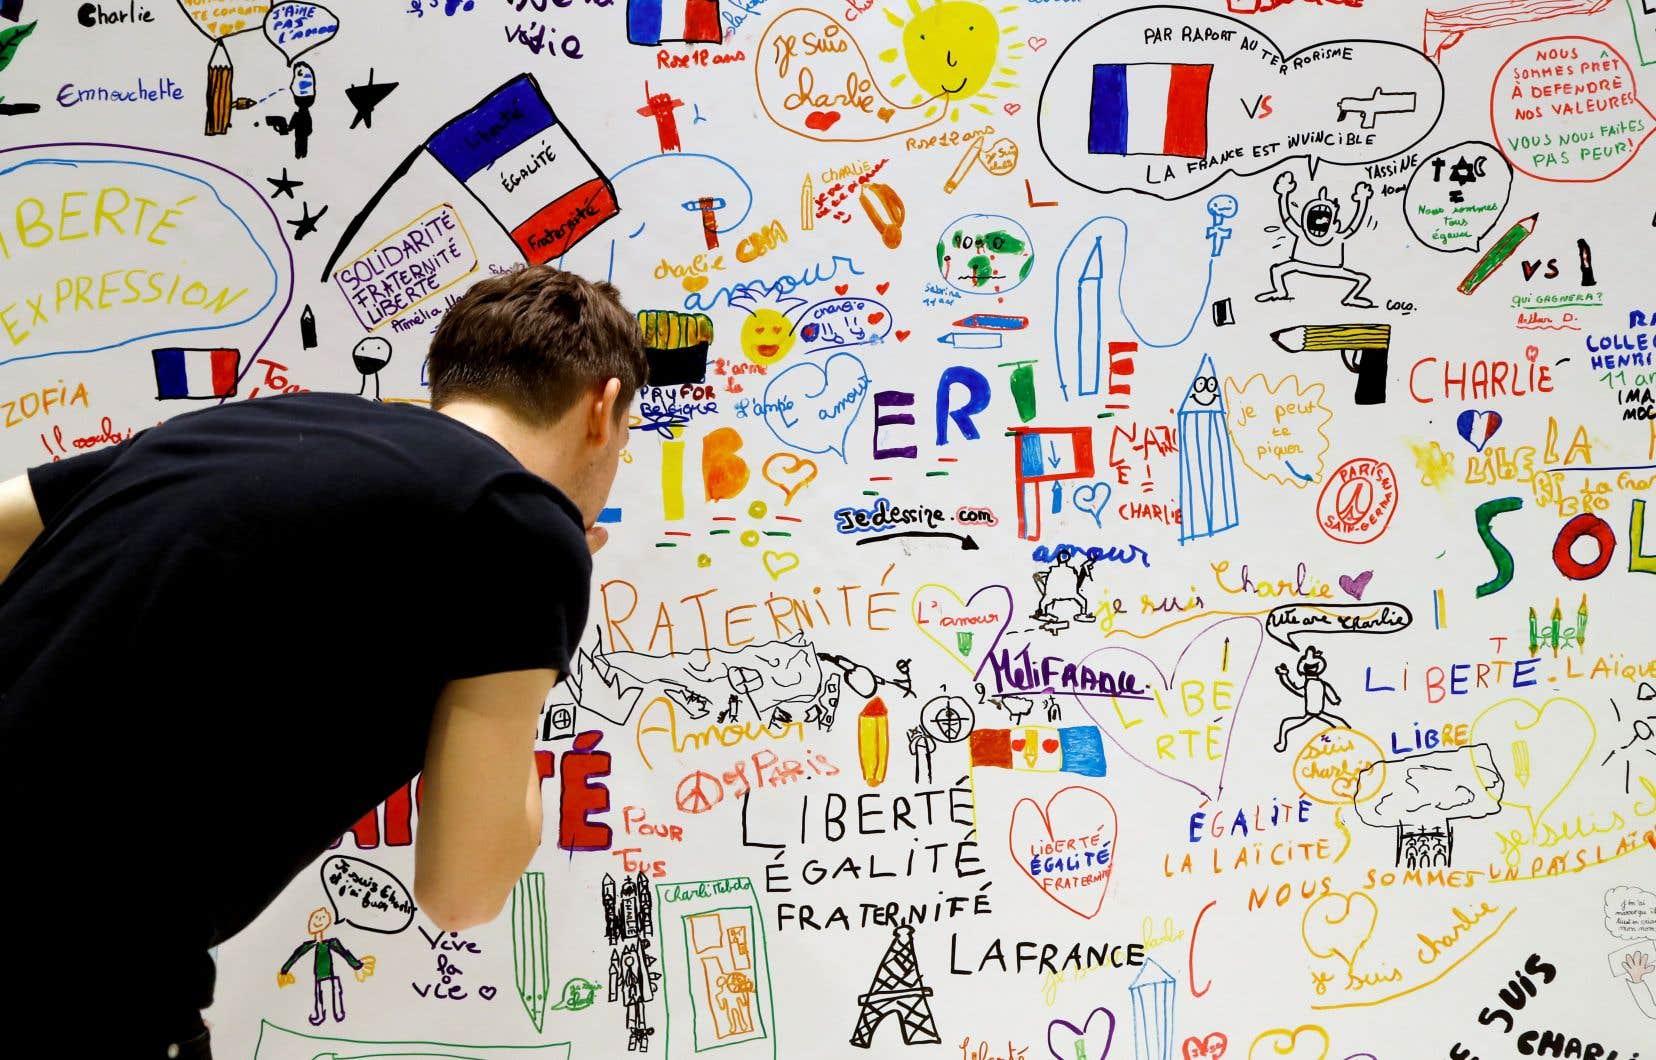 Un visiteur scrute une fresque dessinée par des enfants après l'attentat chez «Charlie Hebdo», exposée ces jours-ci à l'hôtel de ville de Paris.